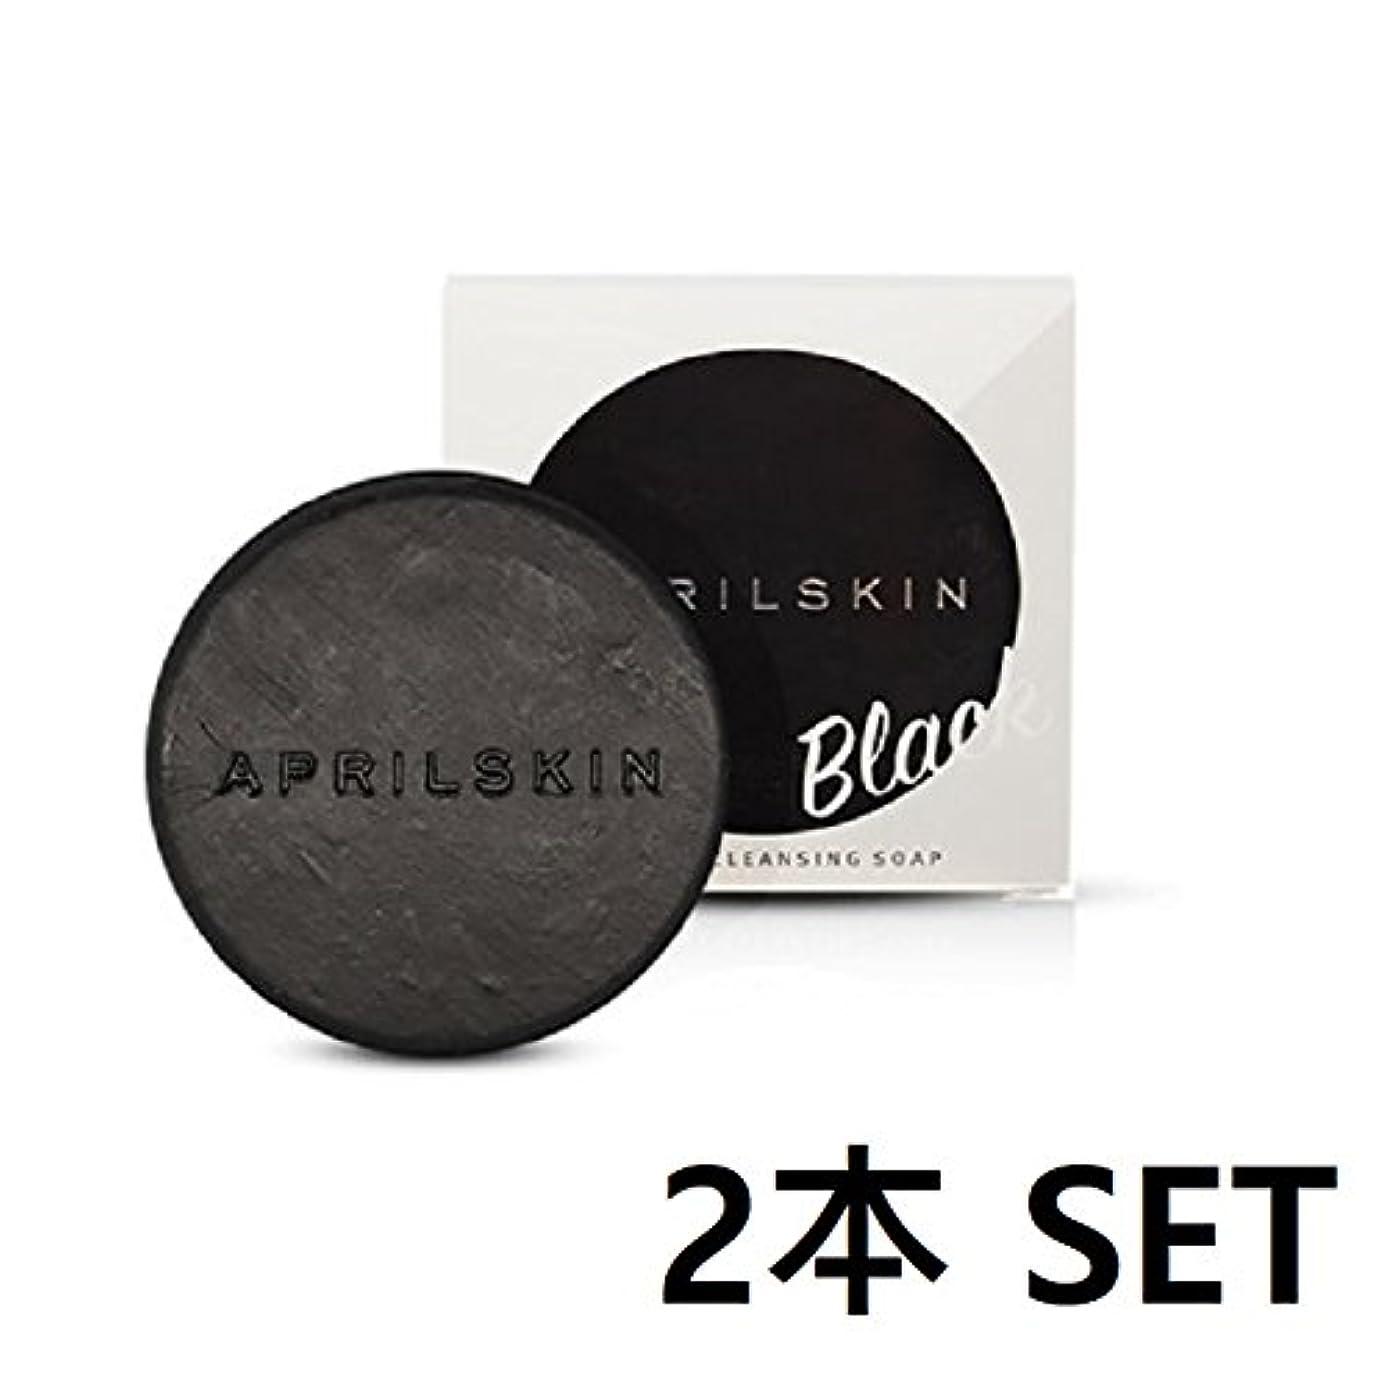 劇場殉教者ブランチ[APRILSKIN] エイプリルスキン国民石鹸 BLACK X 2pcs SET(APRIL SKIN magic stone マジックストーンのリニューアルバージョン新発売) (BLACK) [並行輸入品]